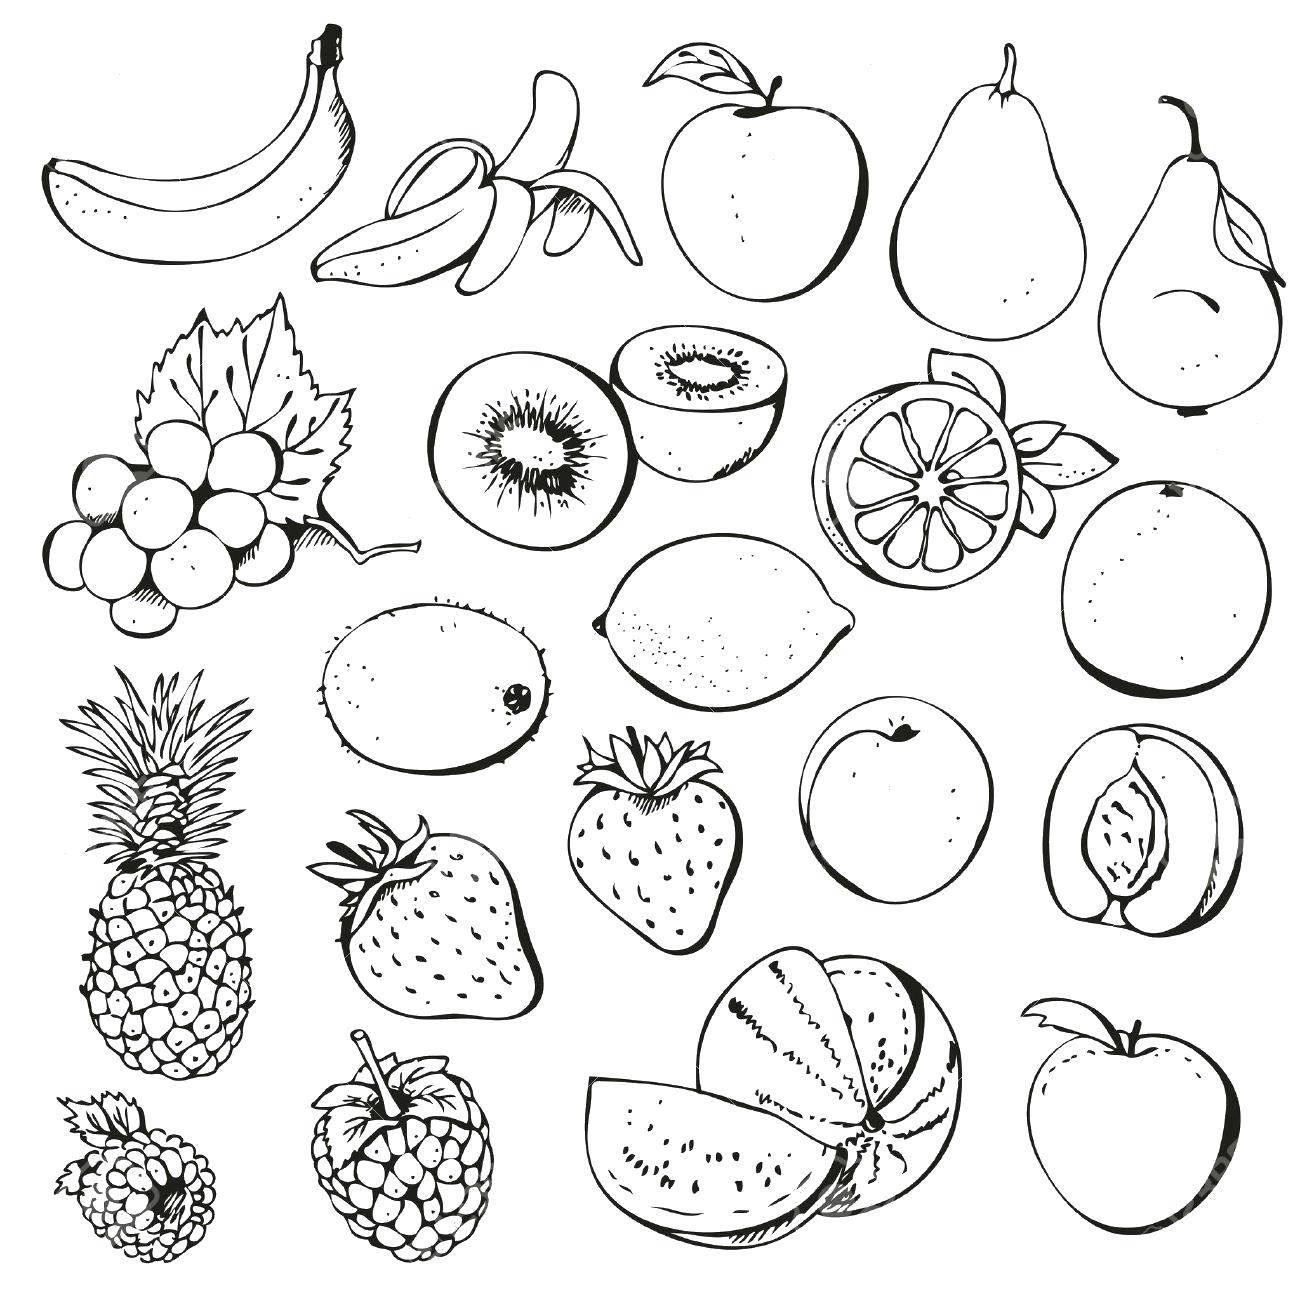 Раскраски ягод, Раскраска Фрукты и ягодки Еда.